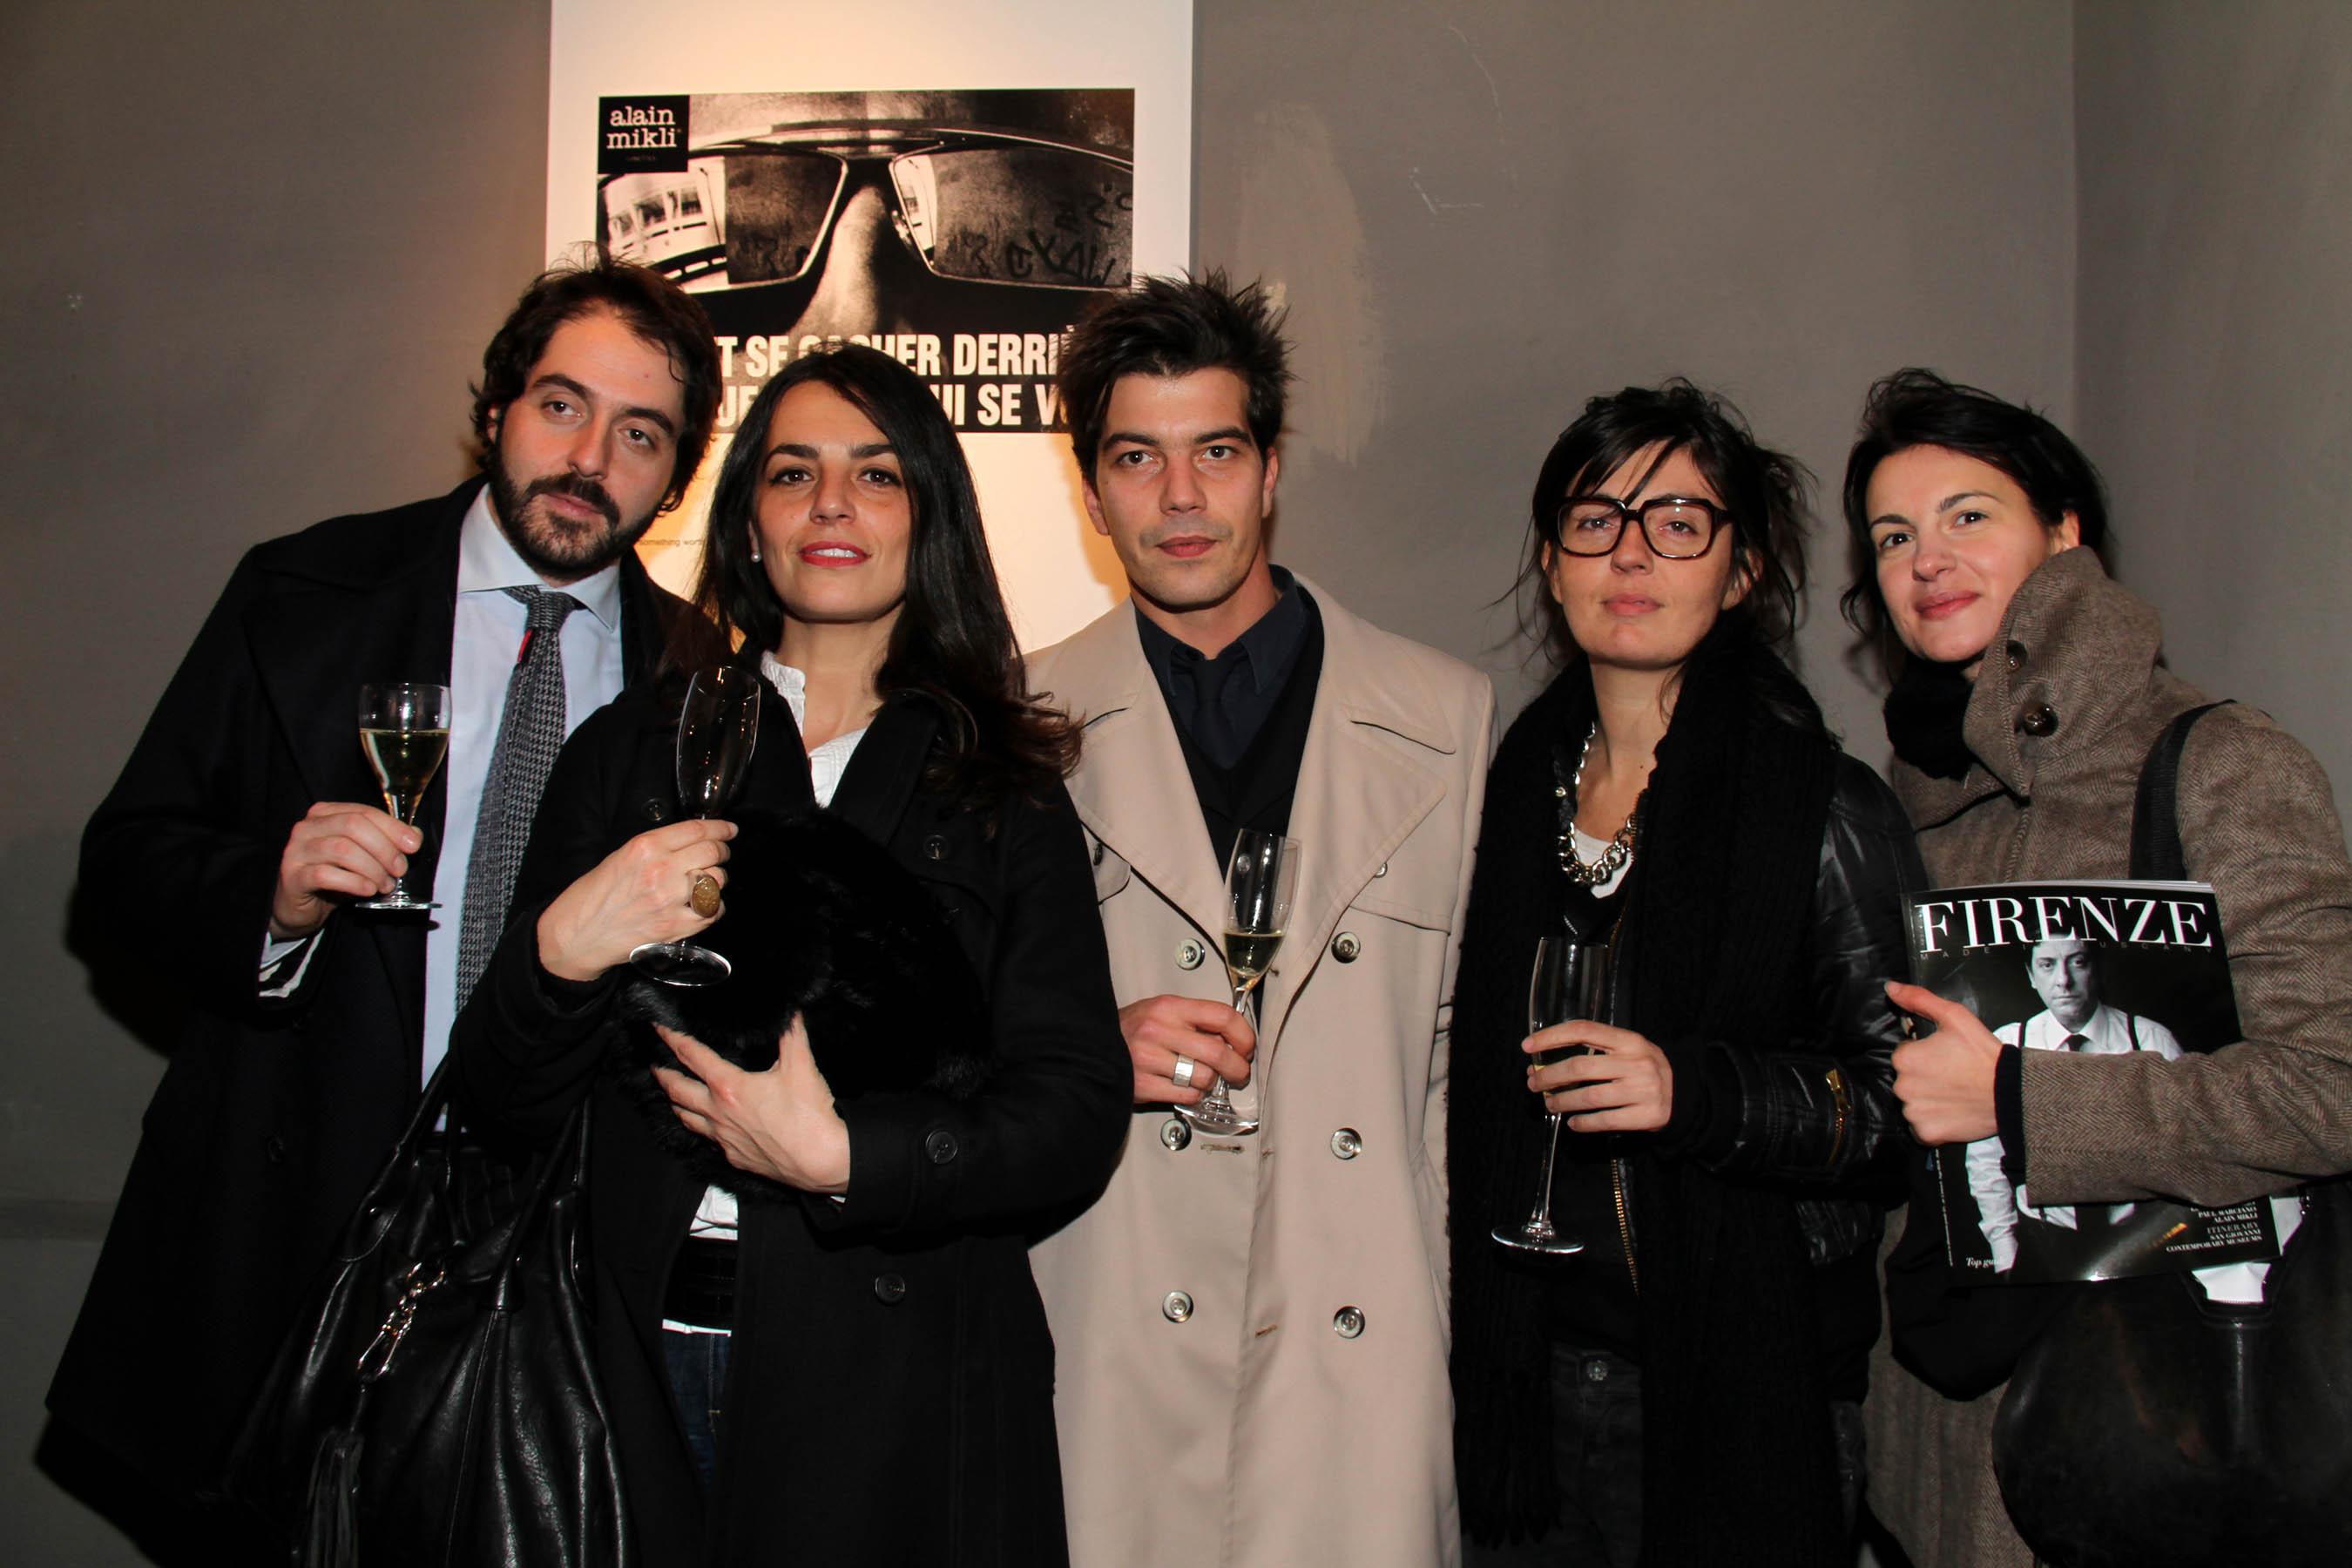 PRESSPHOTO Firenze, festa Firenze Magazine #13, For Gallery. Nella foto Francesco Visani, Serena Astorri, Rudi Ulivi, Daniela Murri e Giovanna Imbimbo